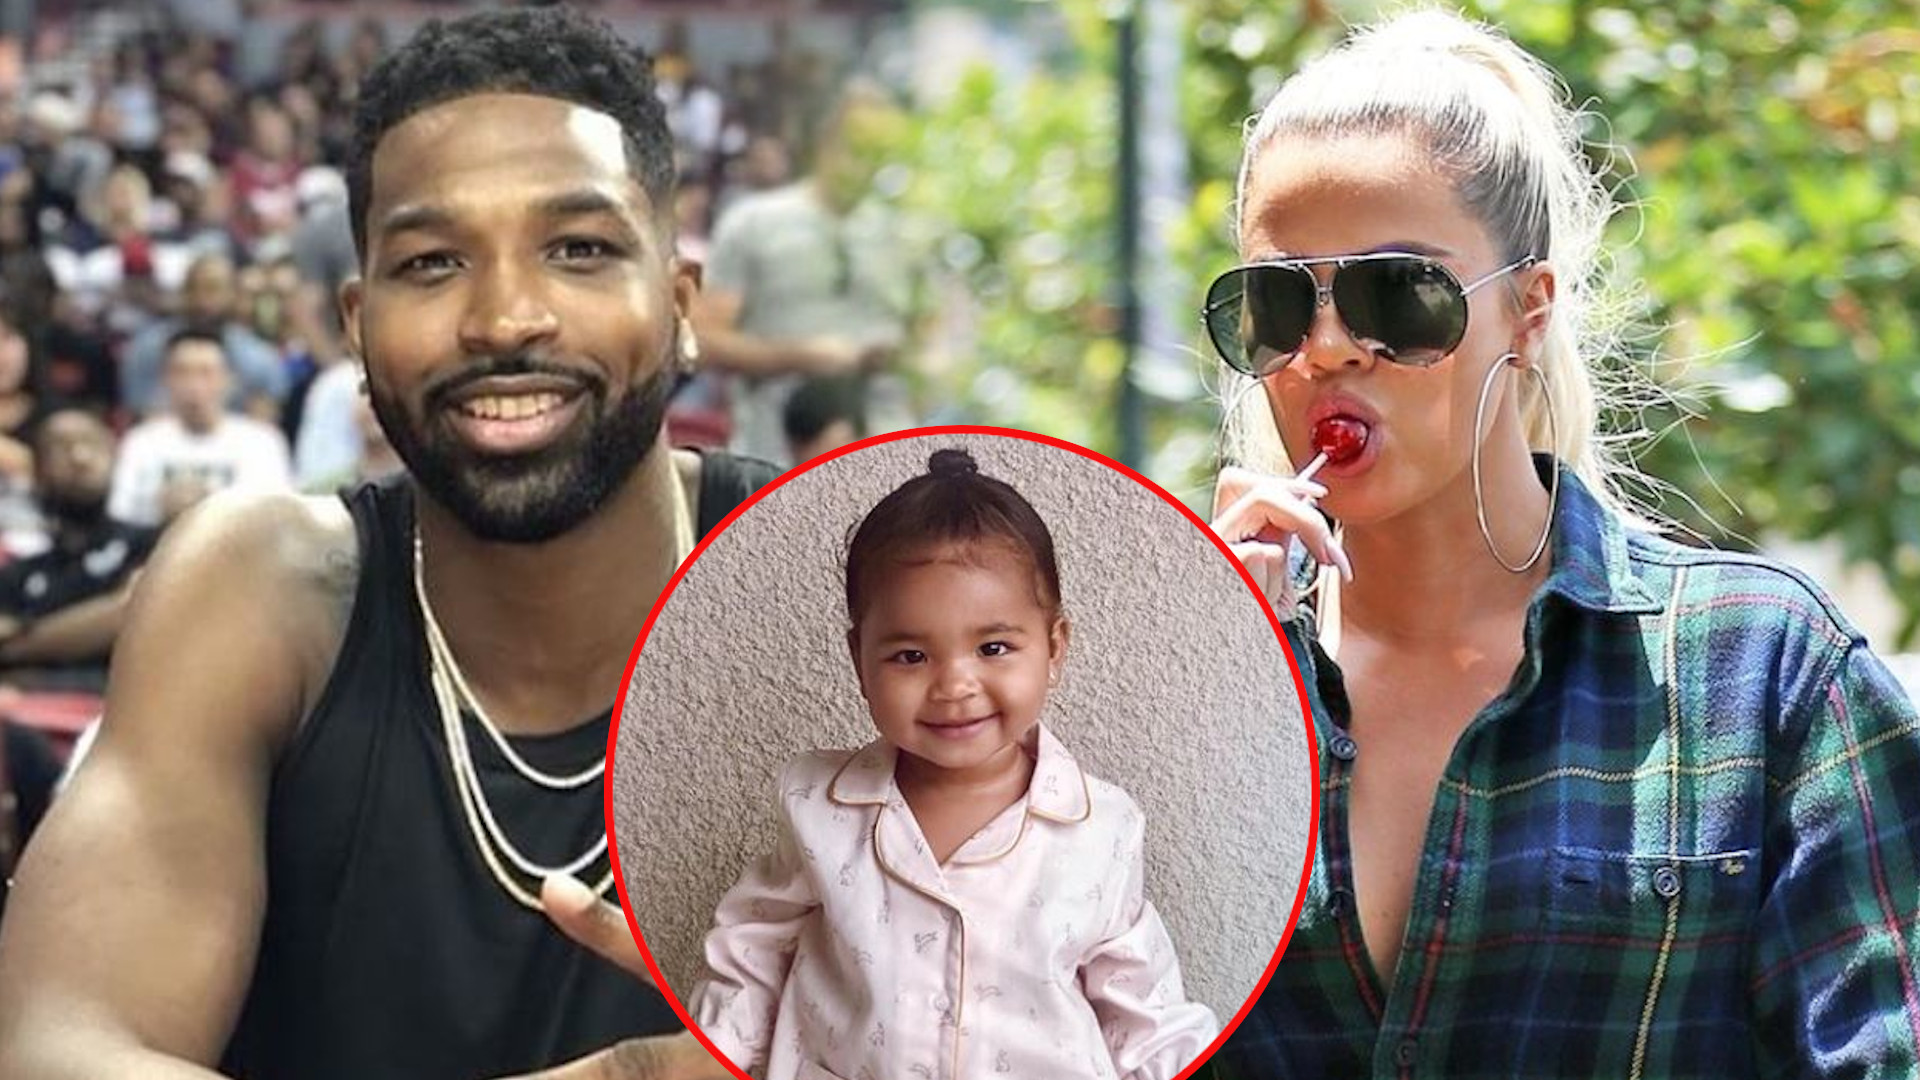 Ktoś napisał, że True jest bardzo podobna do Tristana Thompsona – odpowiedź Khloe Kardashian zaskakuje